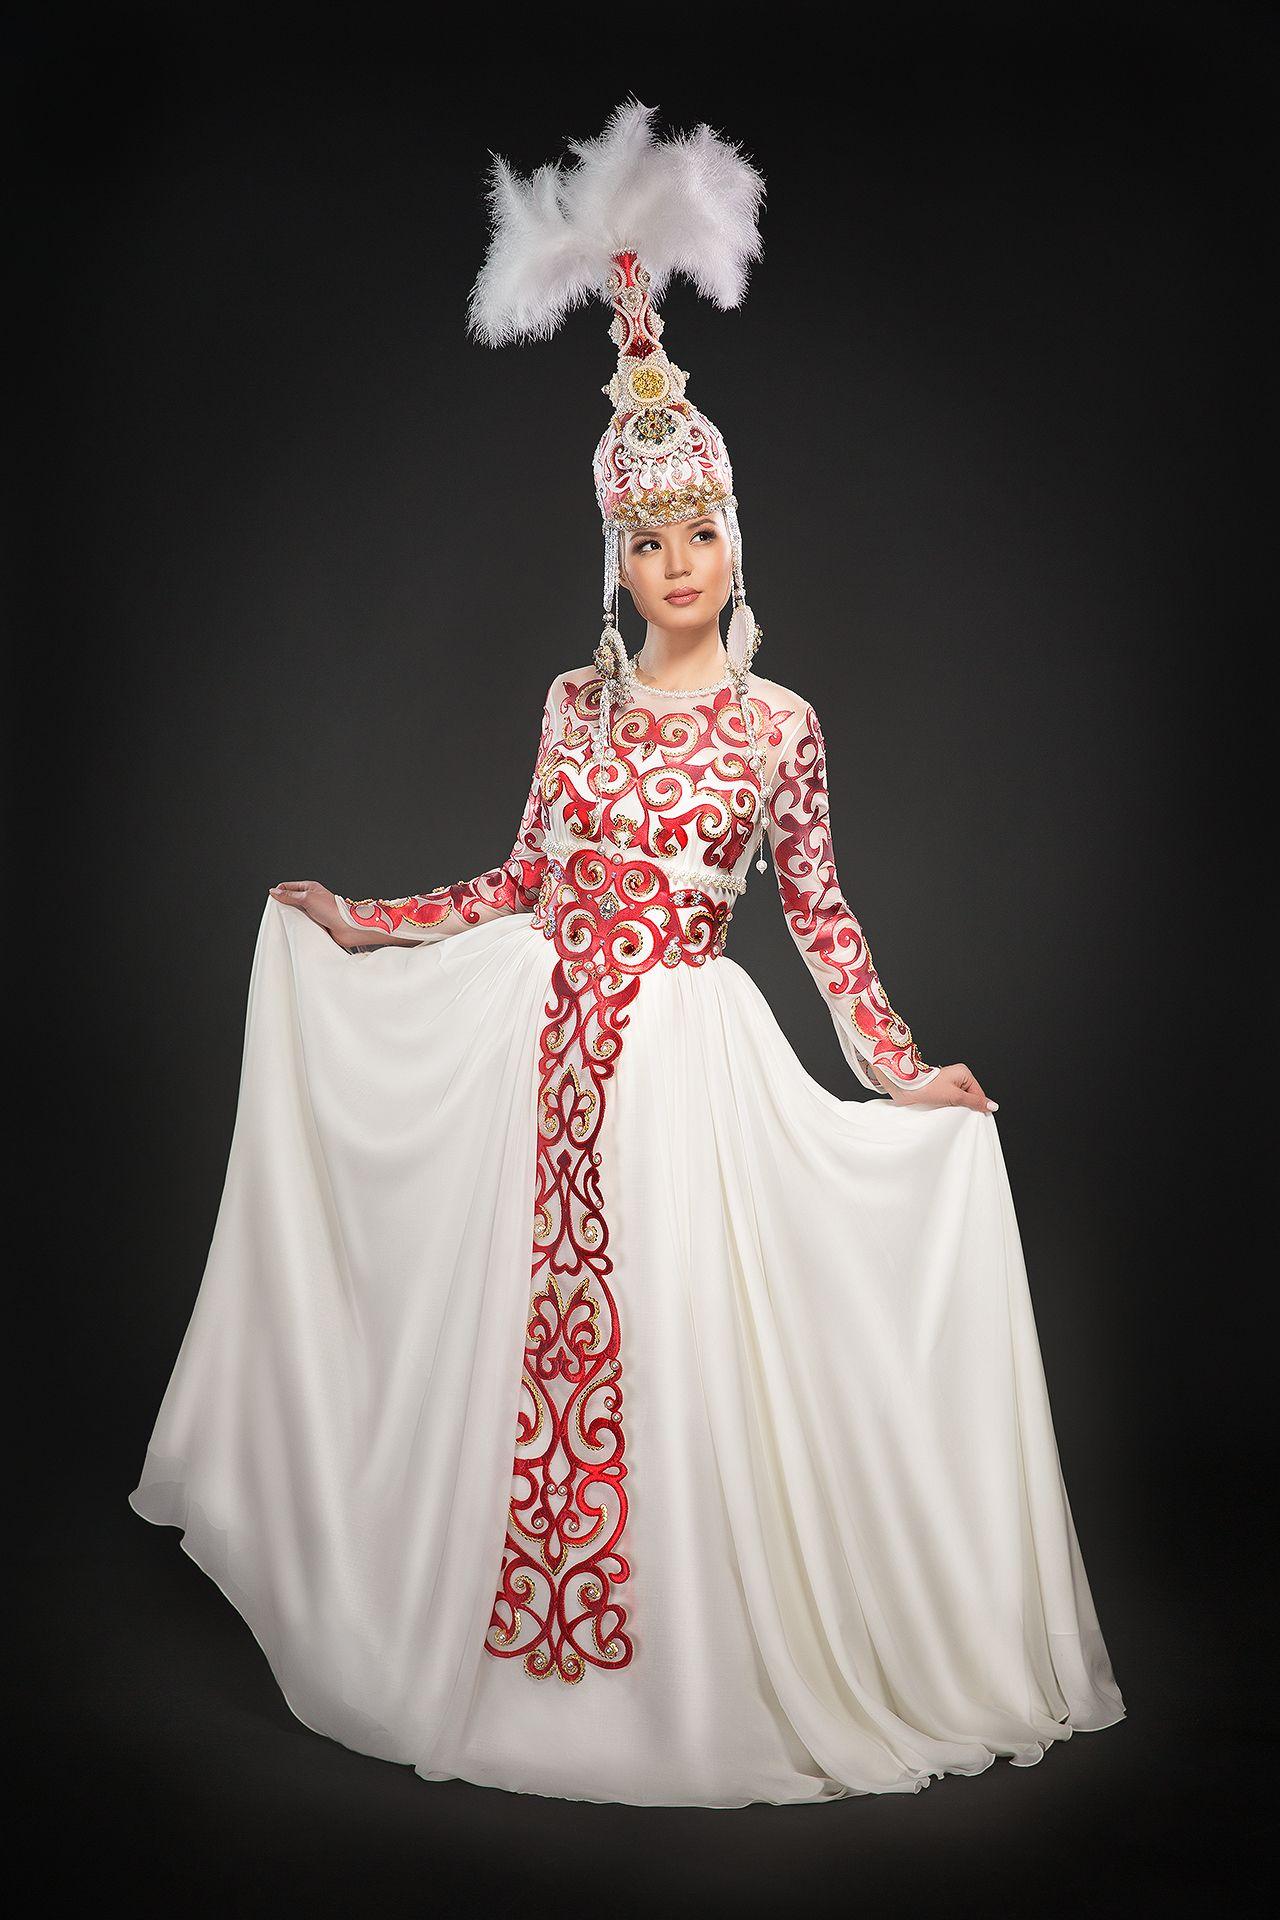 7597db71796 Салон казахских свадебных платьев. Купить платье на узату. Прокат платьев на